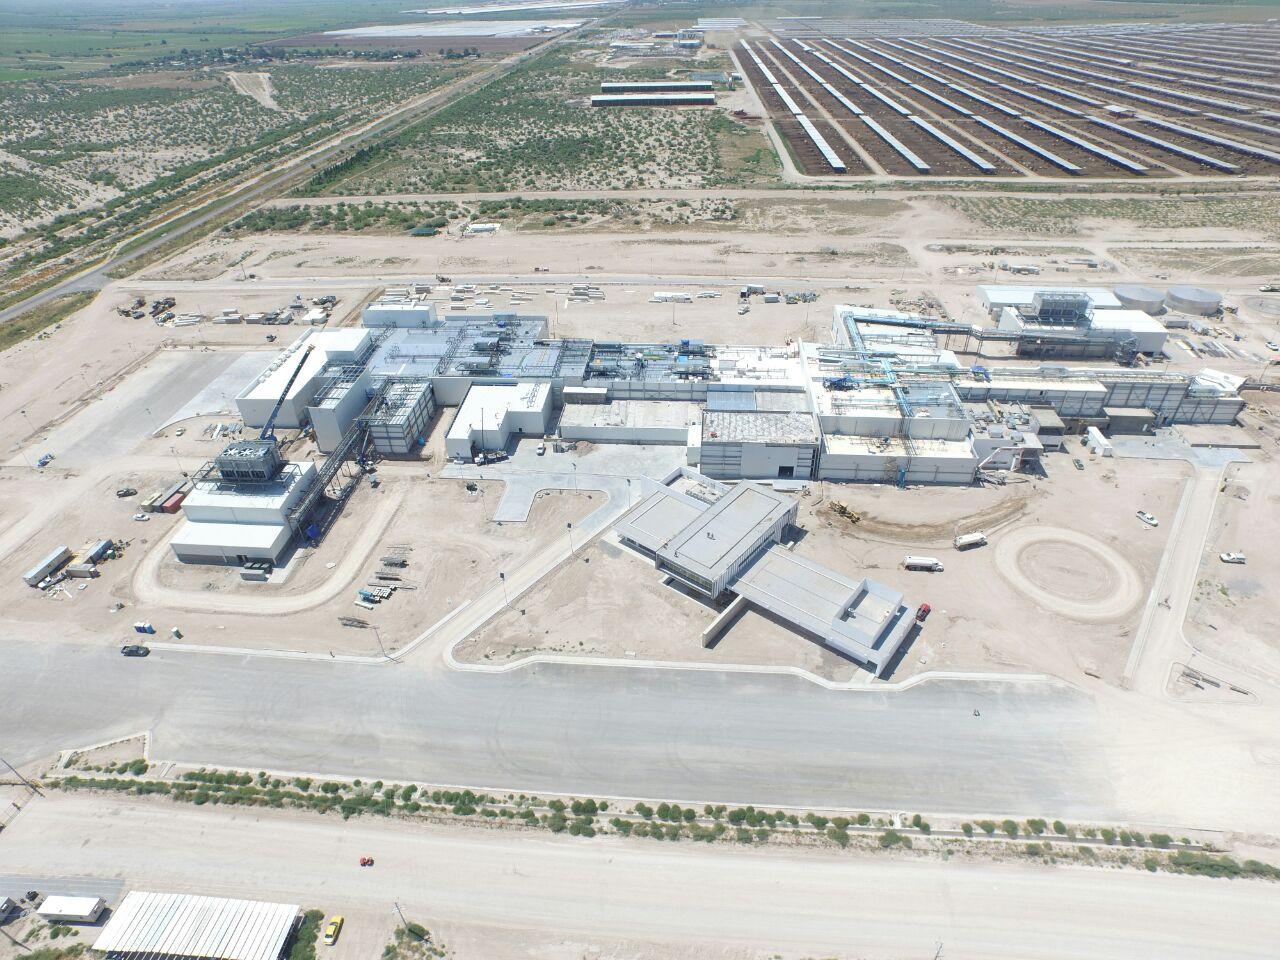 La planta, ubicada en una de las zonas más agrestes y secas del país. FOTO: SuKarne